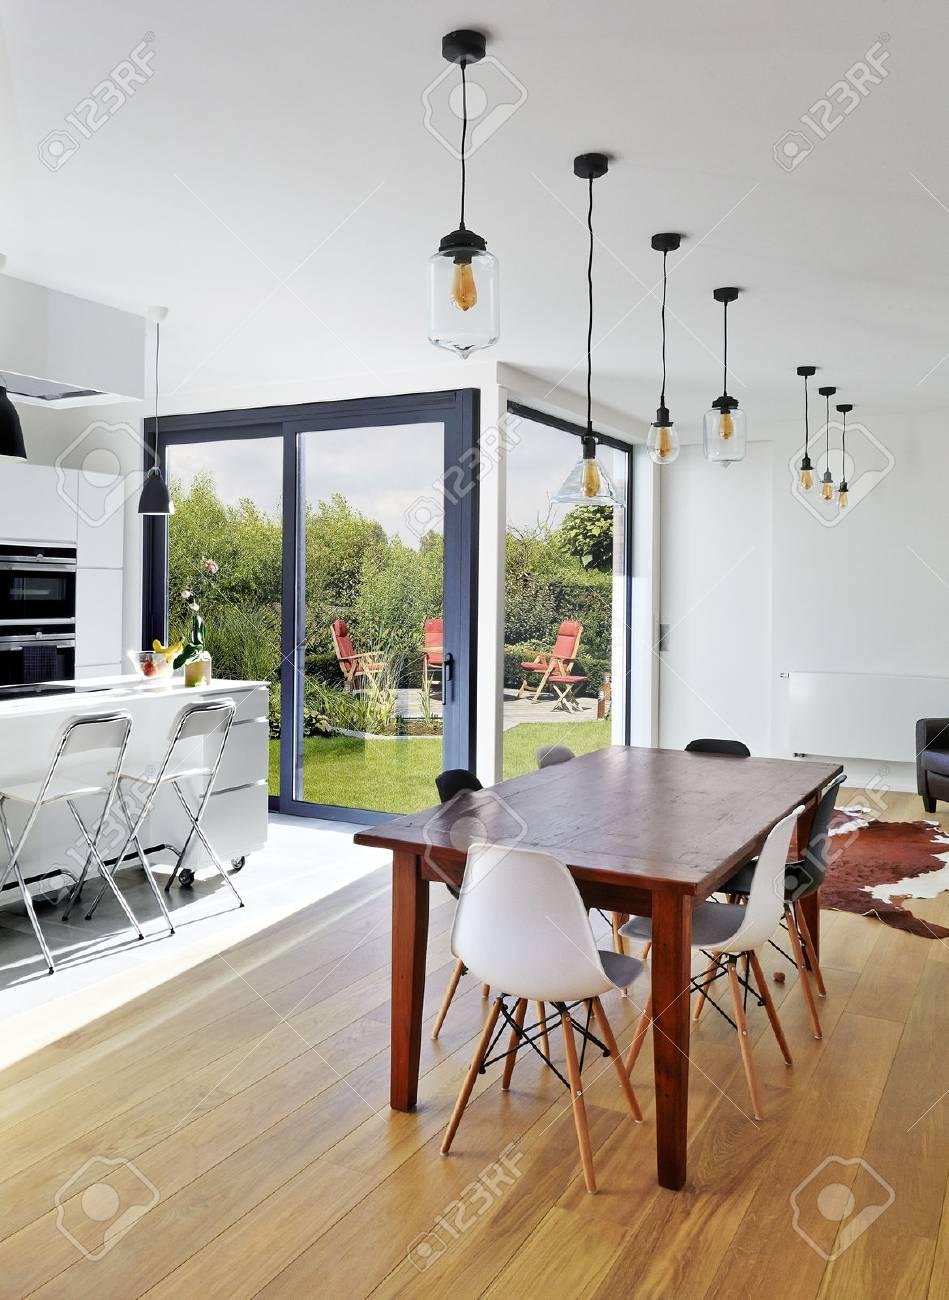 Unglaublich Wohnzimmer Stühle Ideen Von Leere Tisch Und Stühle Im Luxuriösen Mit